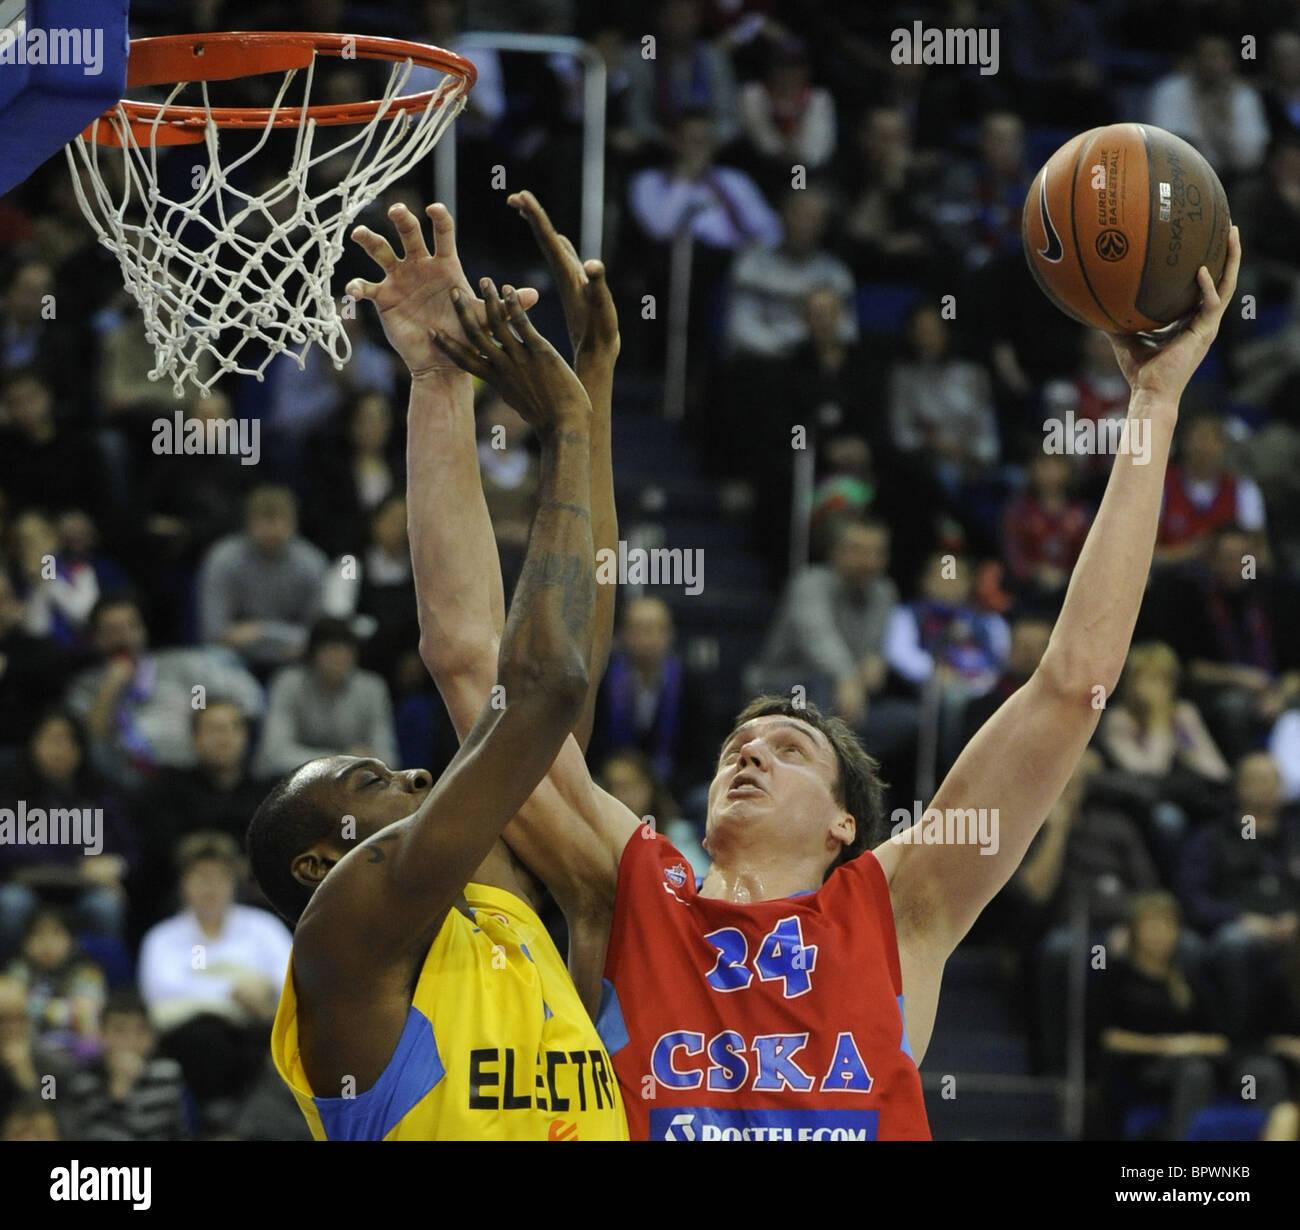 Euroleague basketball: CSKA Moscow 77 - 72 Maccabi Electra Tel Aviv - Stock Image